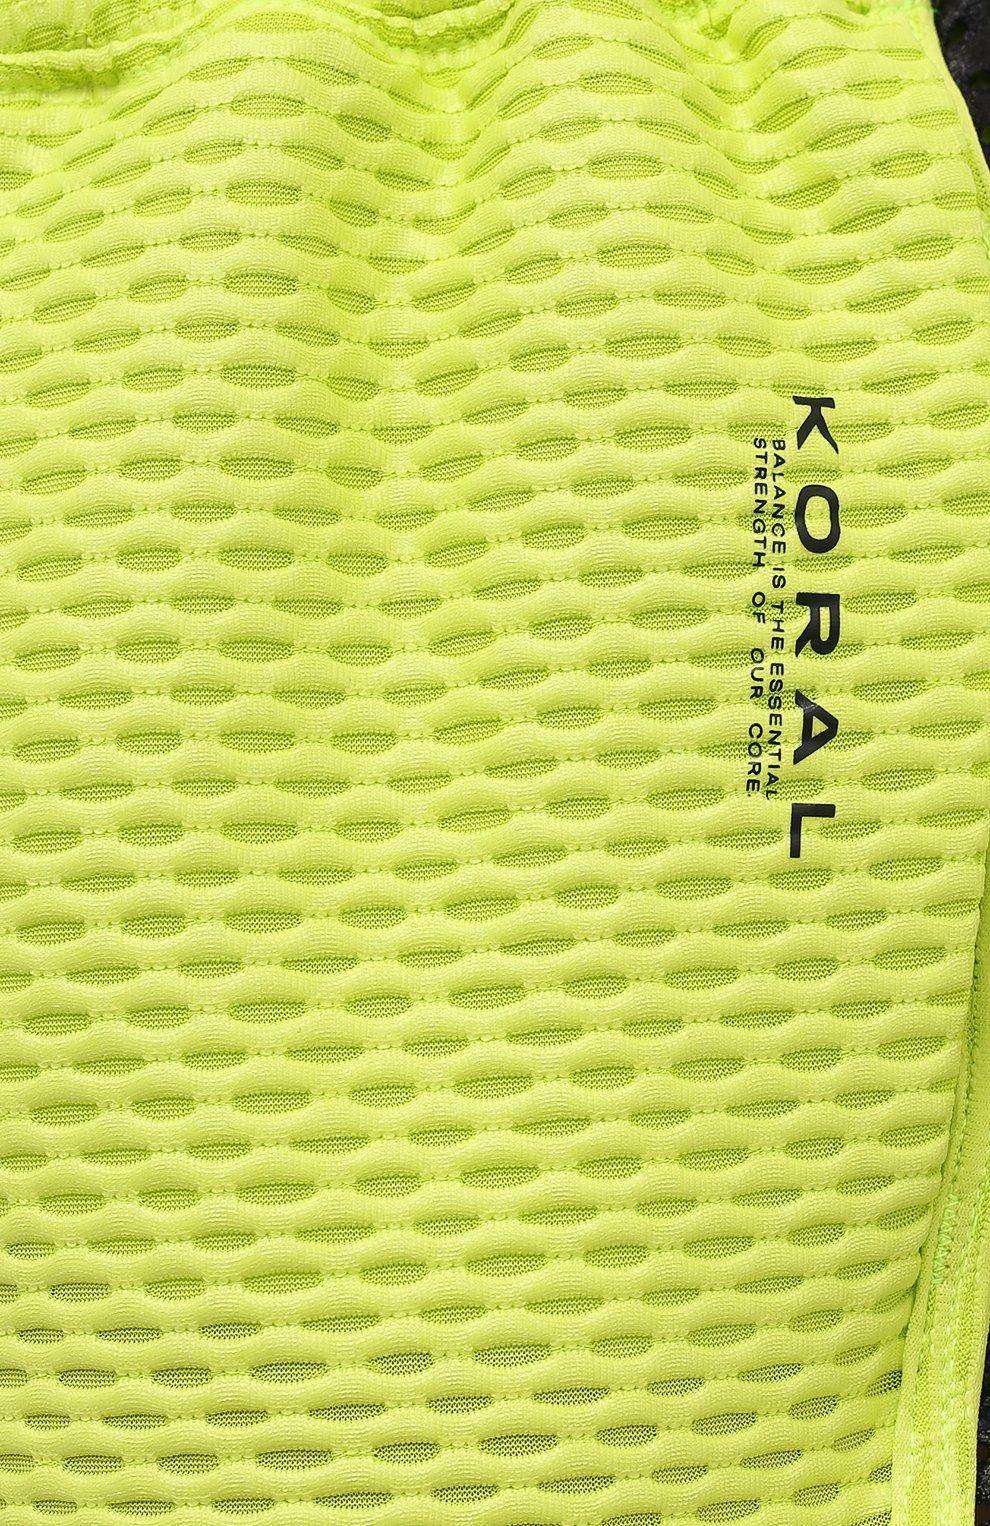 Женские шорты KORAL светло-зеленого цвета, арт. A2526K09 | Фото 5 (Длина Ж (юбки, платья, шорты): Мини; Кросс-КТ: Спорт; Материал внешний: Синтетический материал; Женское Кросс-КТ: Шорты-спорт)